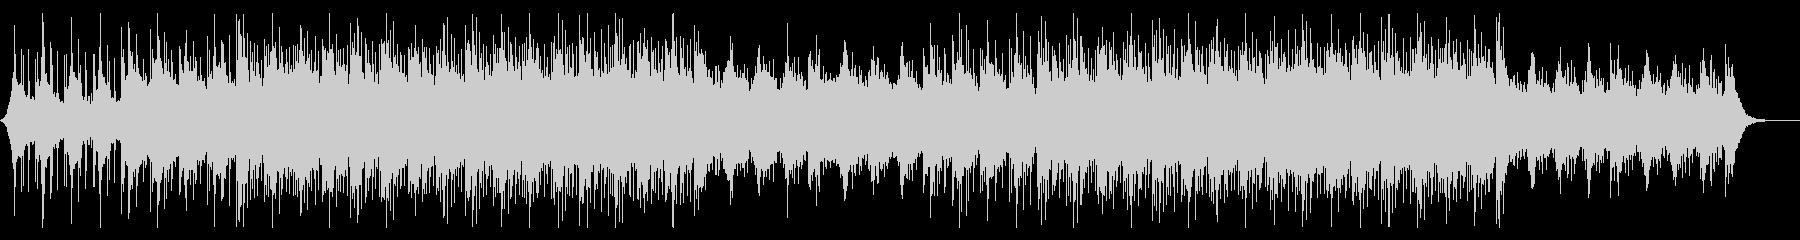 ウェディング3 Bシンプル、キラキラの未再生の波形